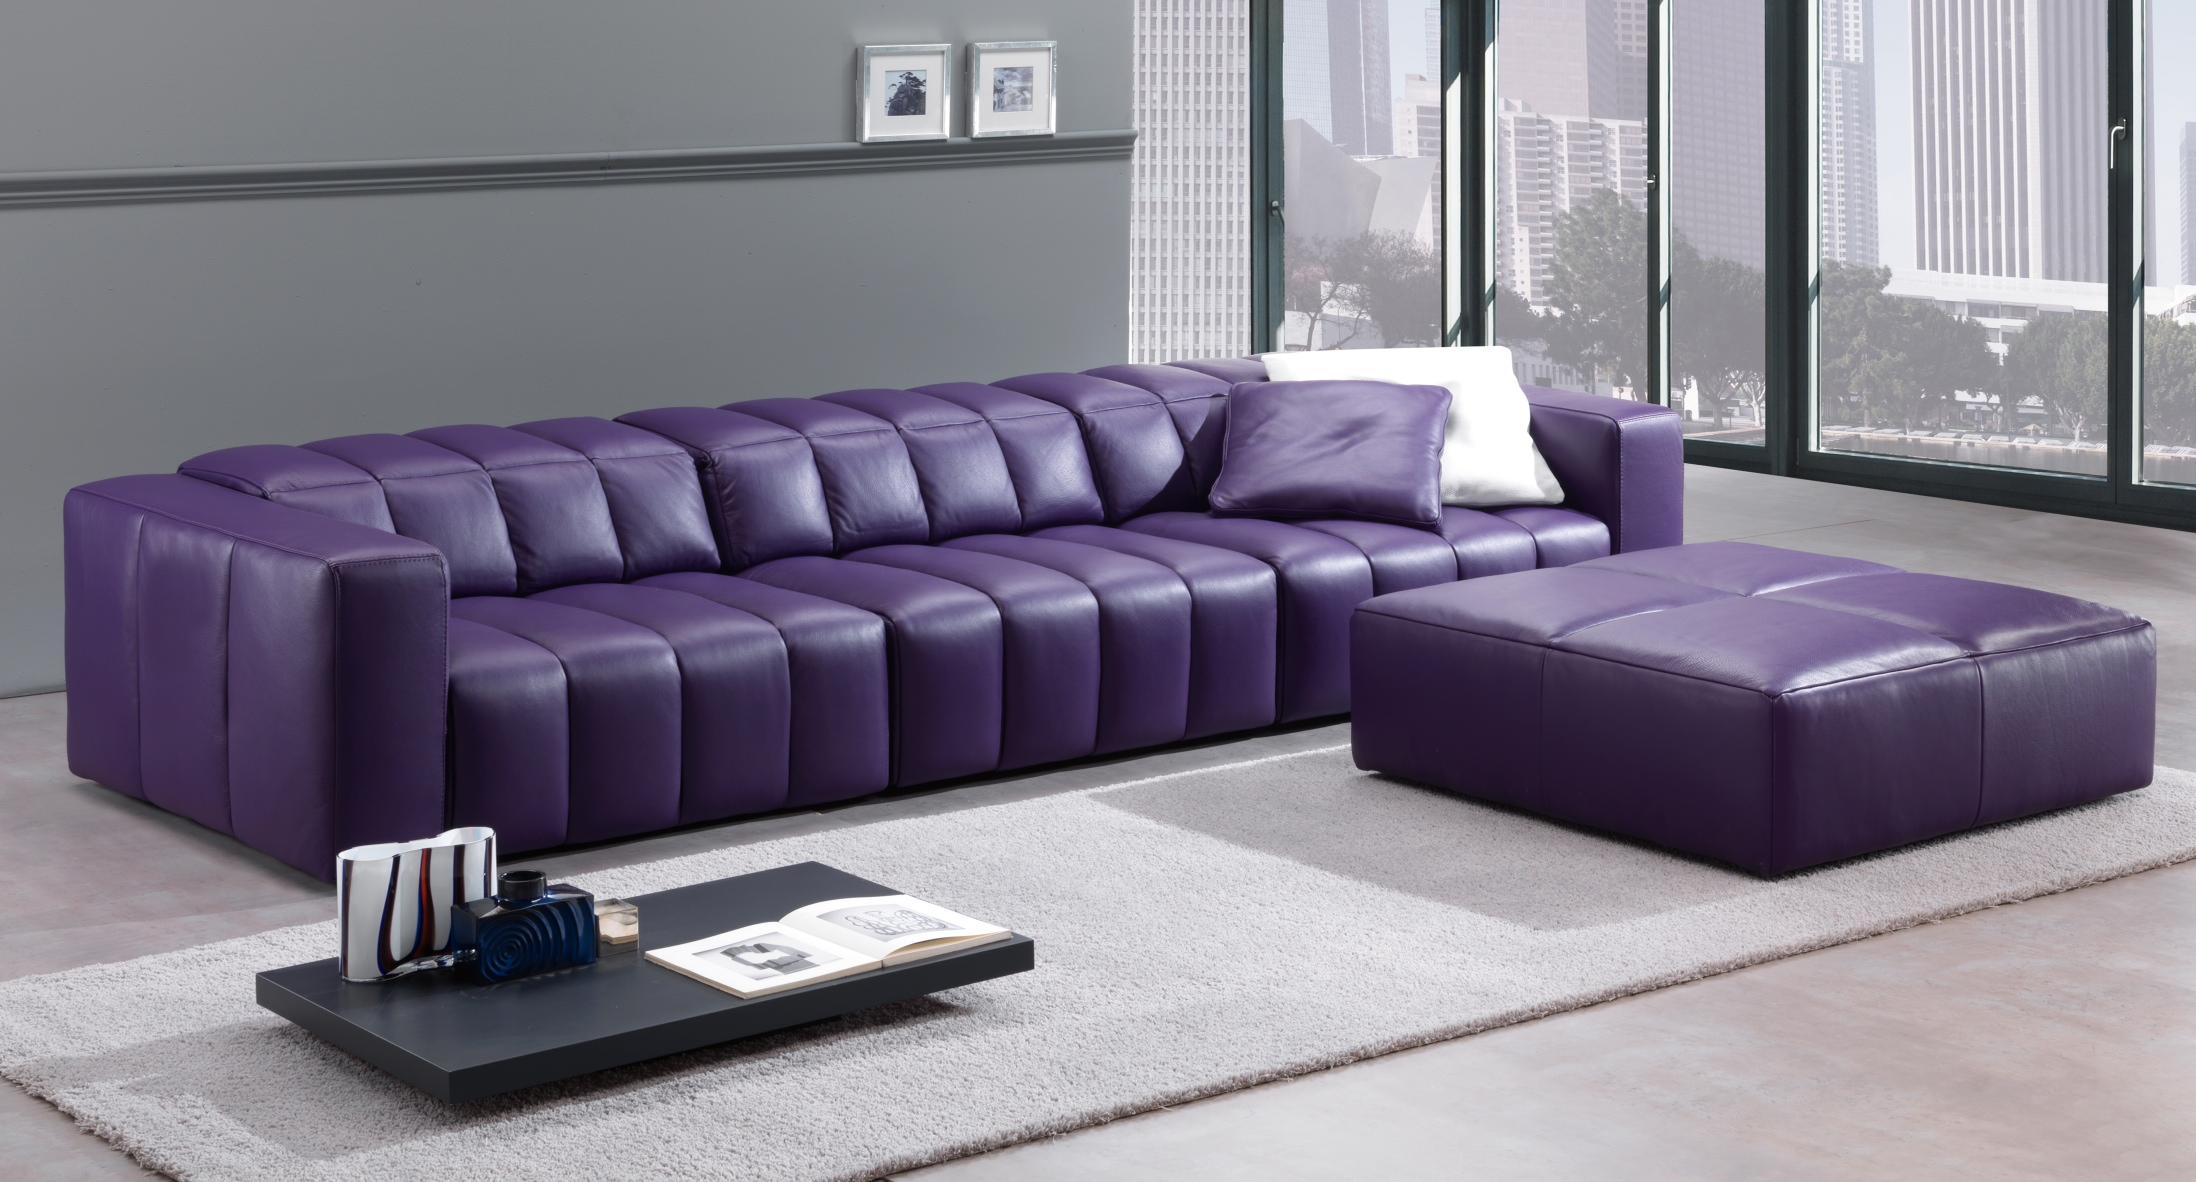 Перетяжка дивана кожзамом